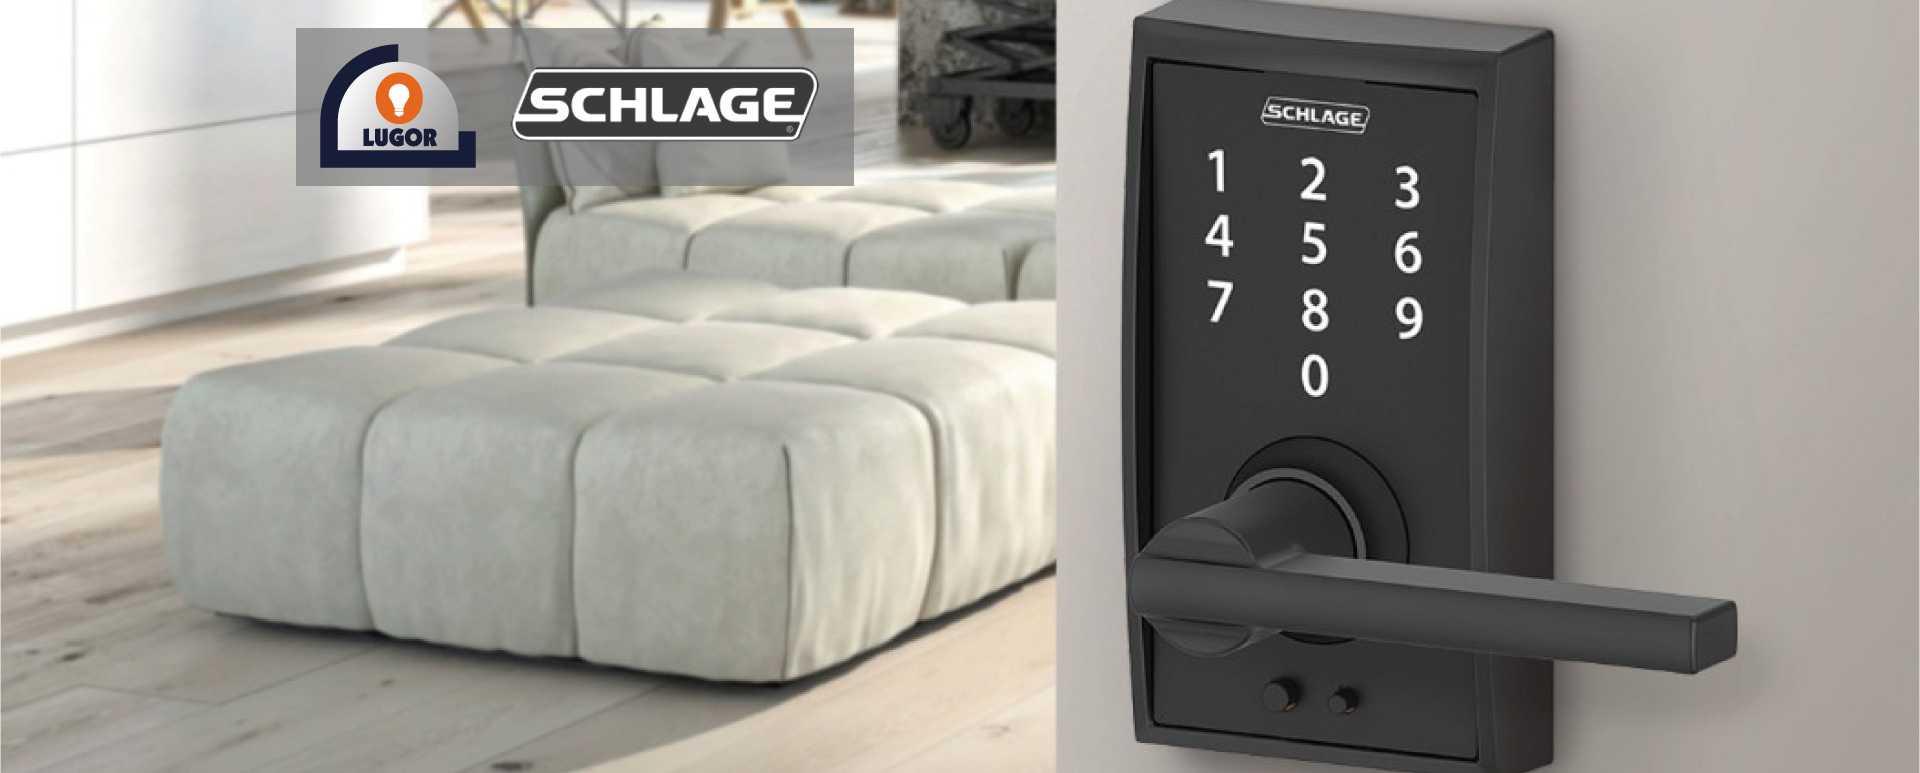 Slide-1 <!-SCHLAGE->